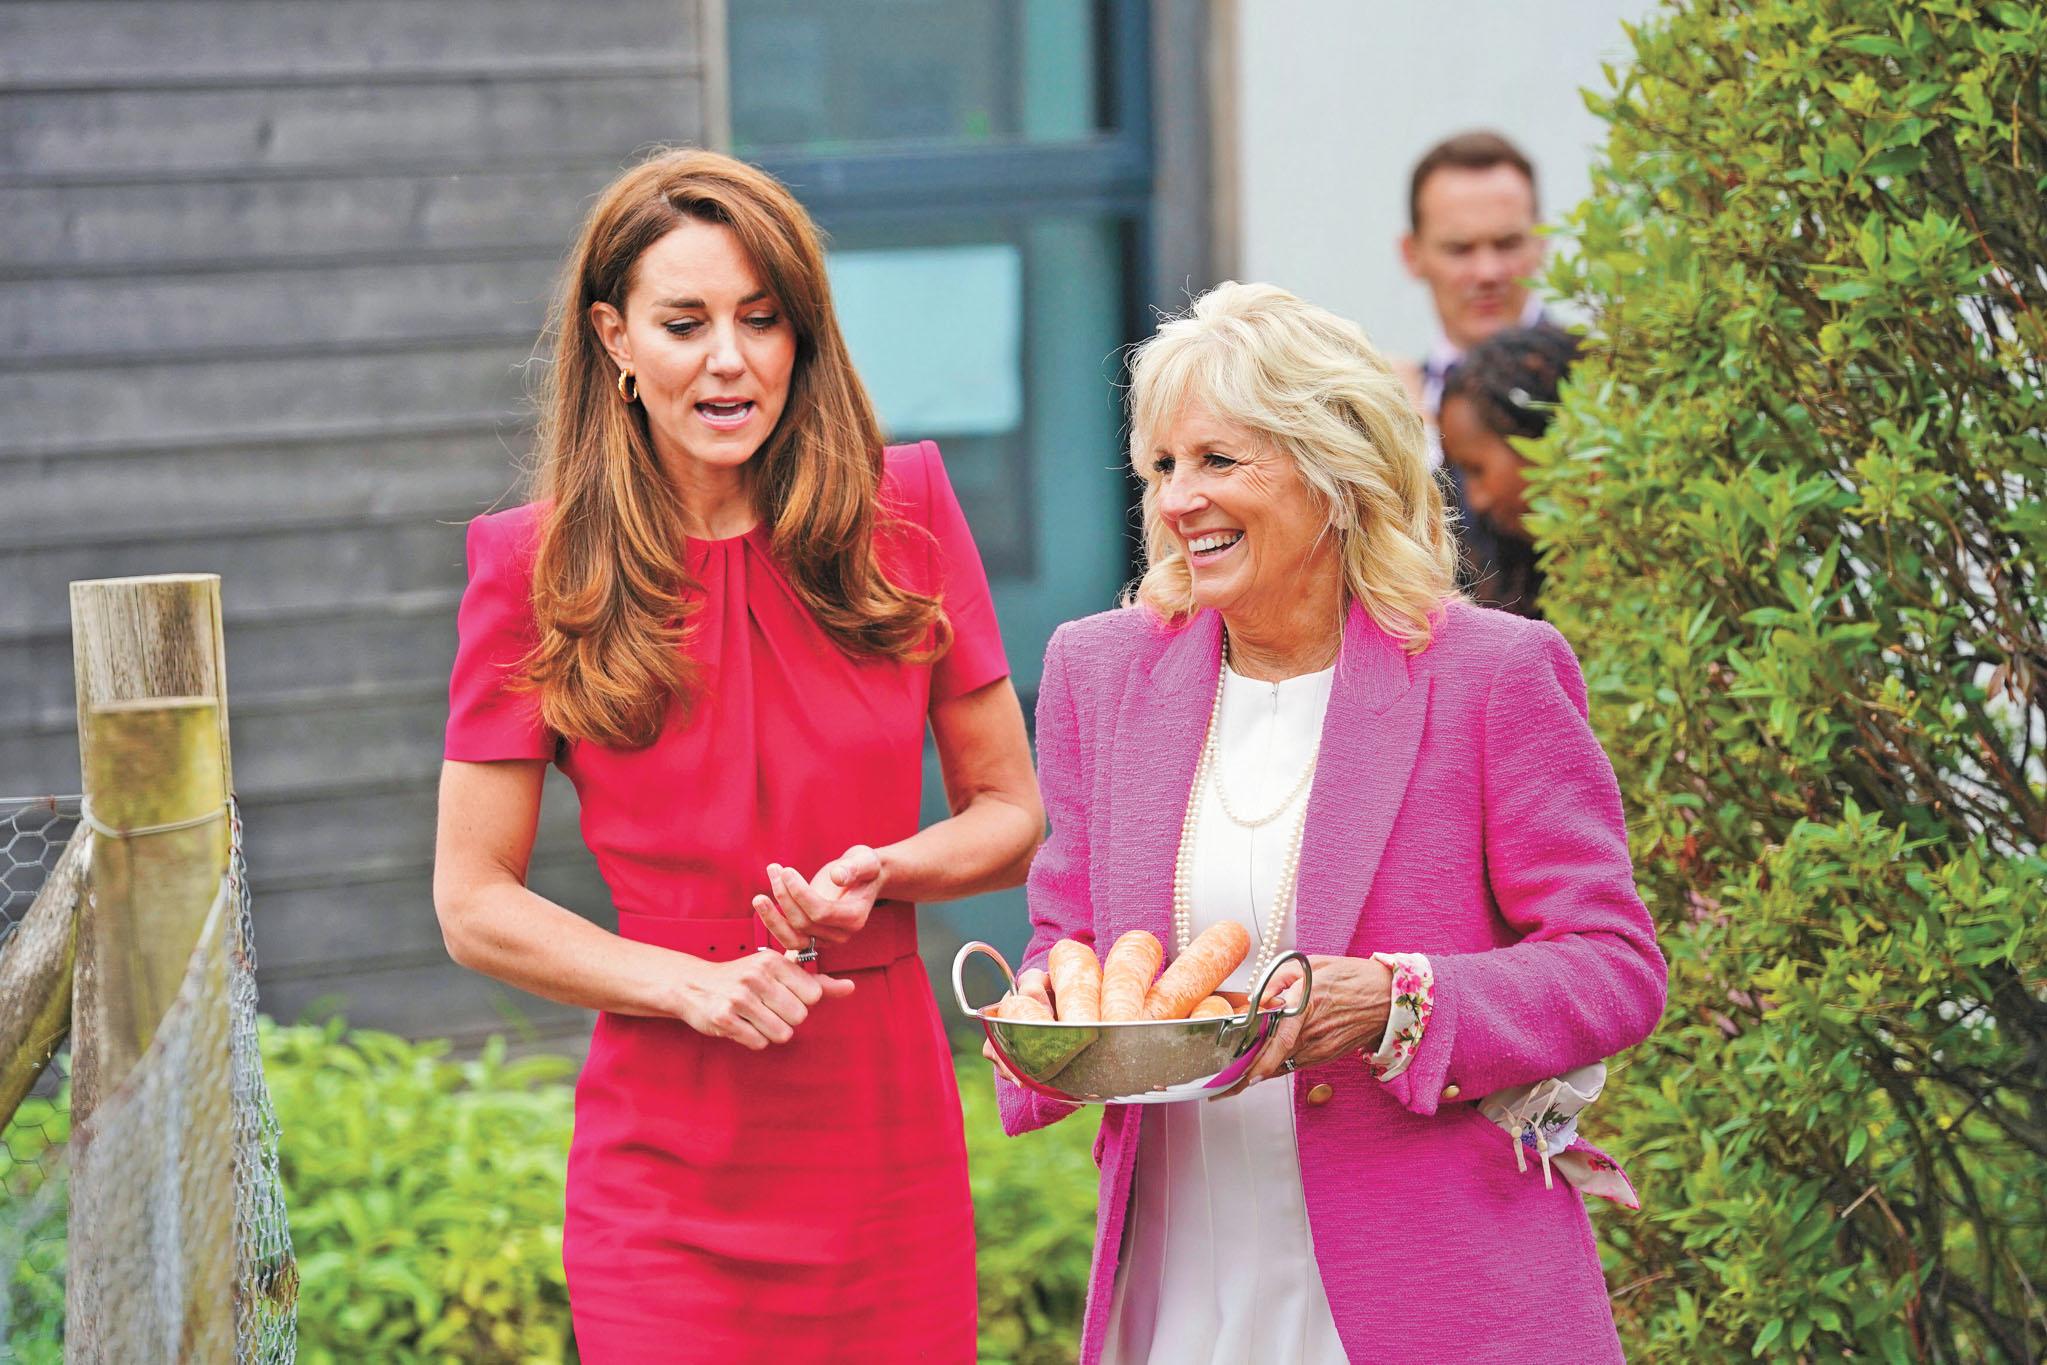 英國威廉王子夫人凱特(左)與美國第一夫人吉爾(右)參觀一所學校。美聯社